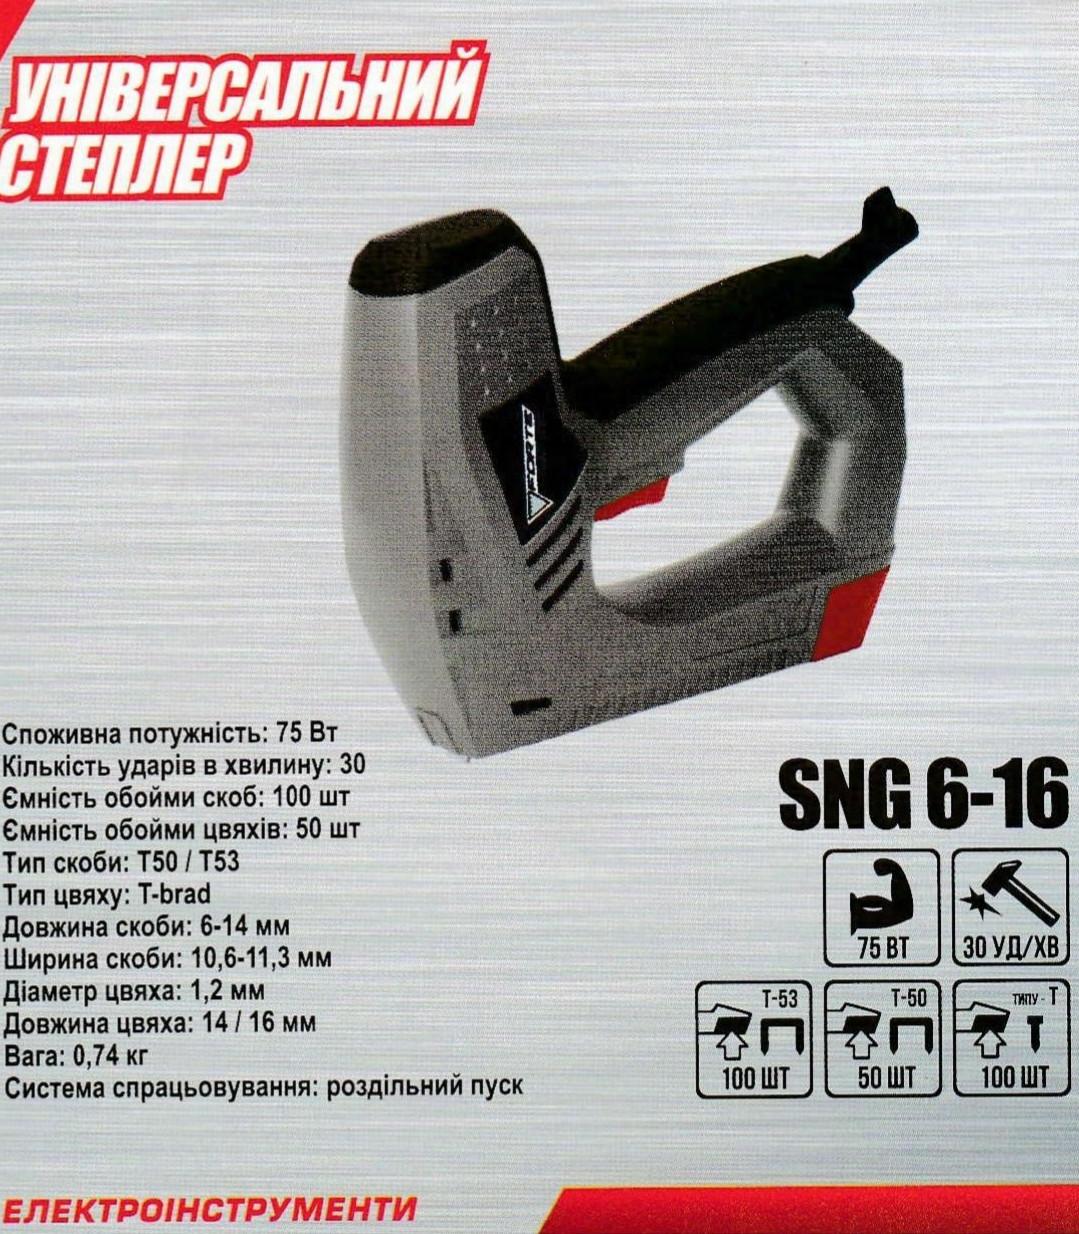 Универсальный степлер Forte SNG 6-16